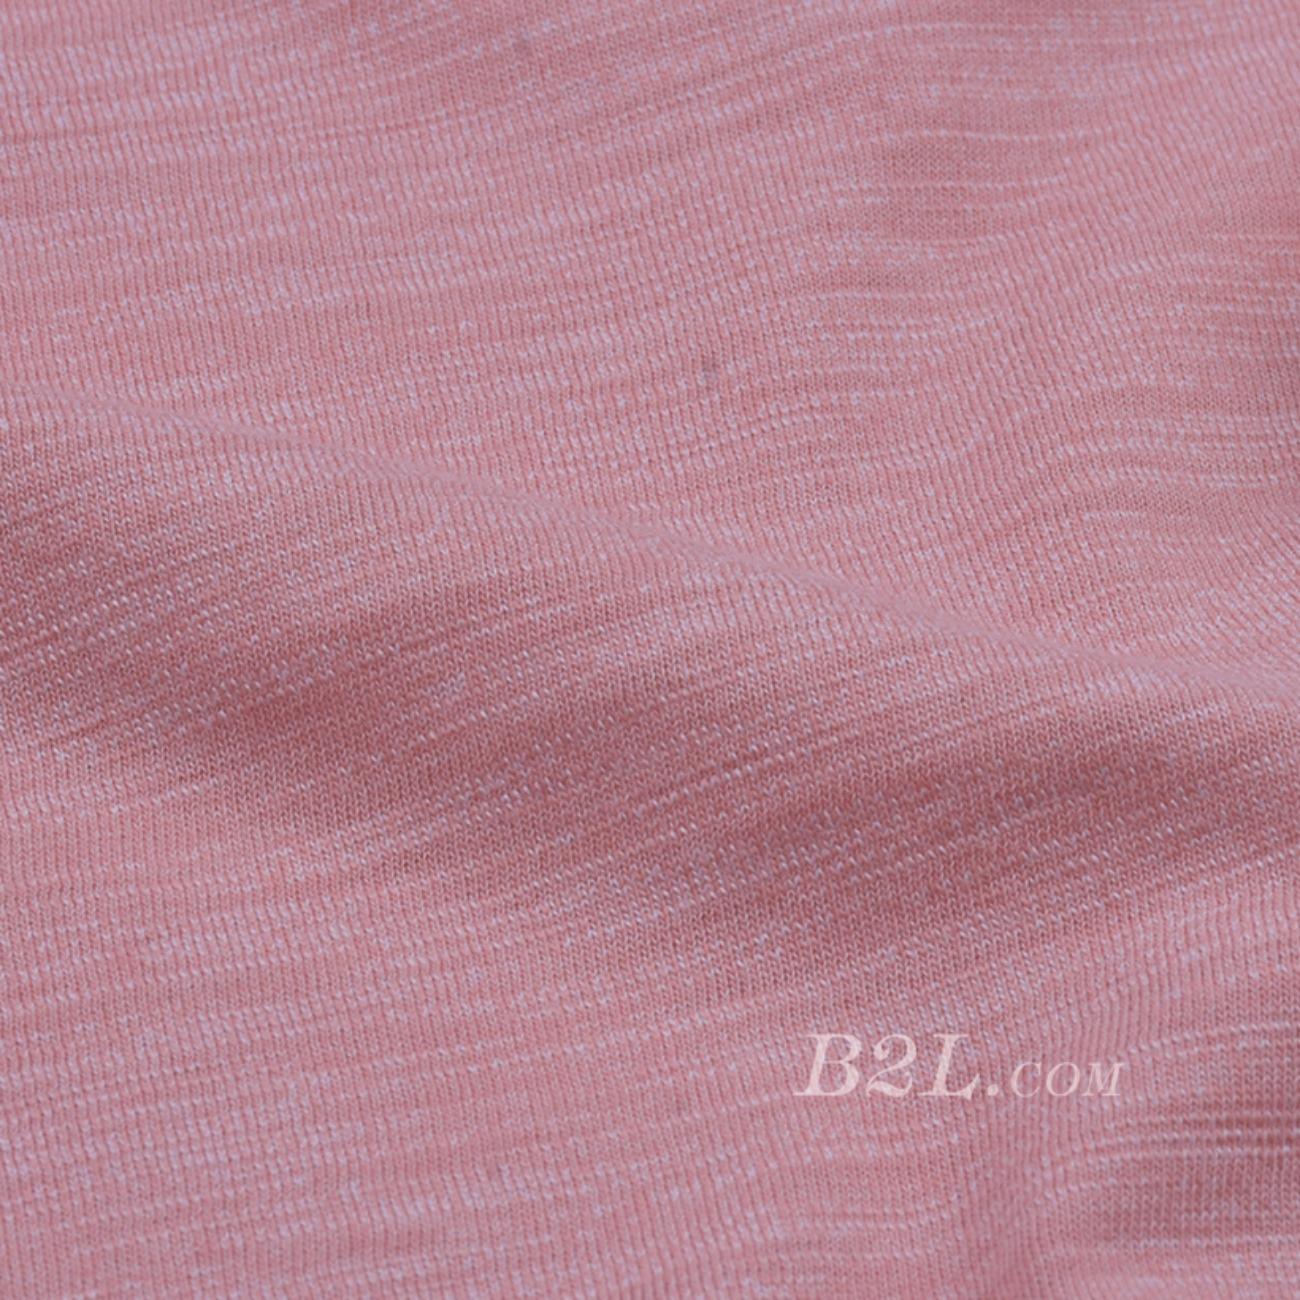 素色 针织 染色 彩棉 竹节 短袖 女装 男装 春夏 80517-60